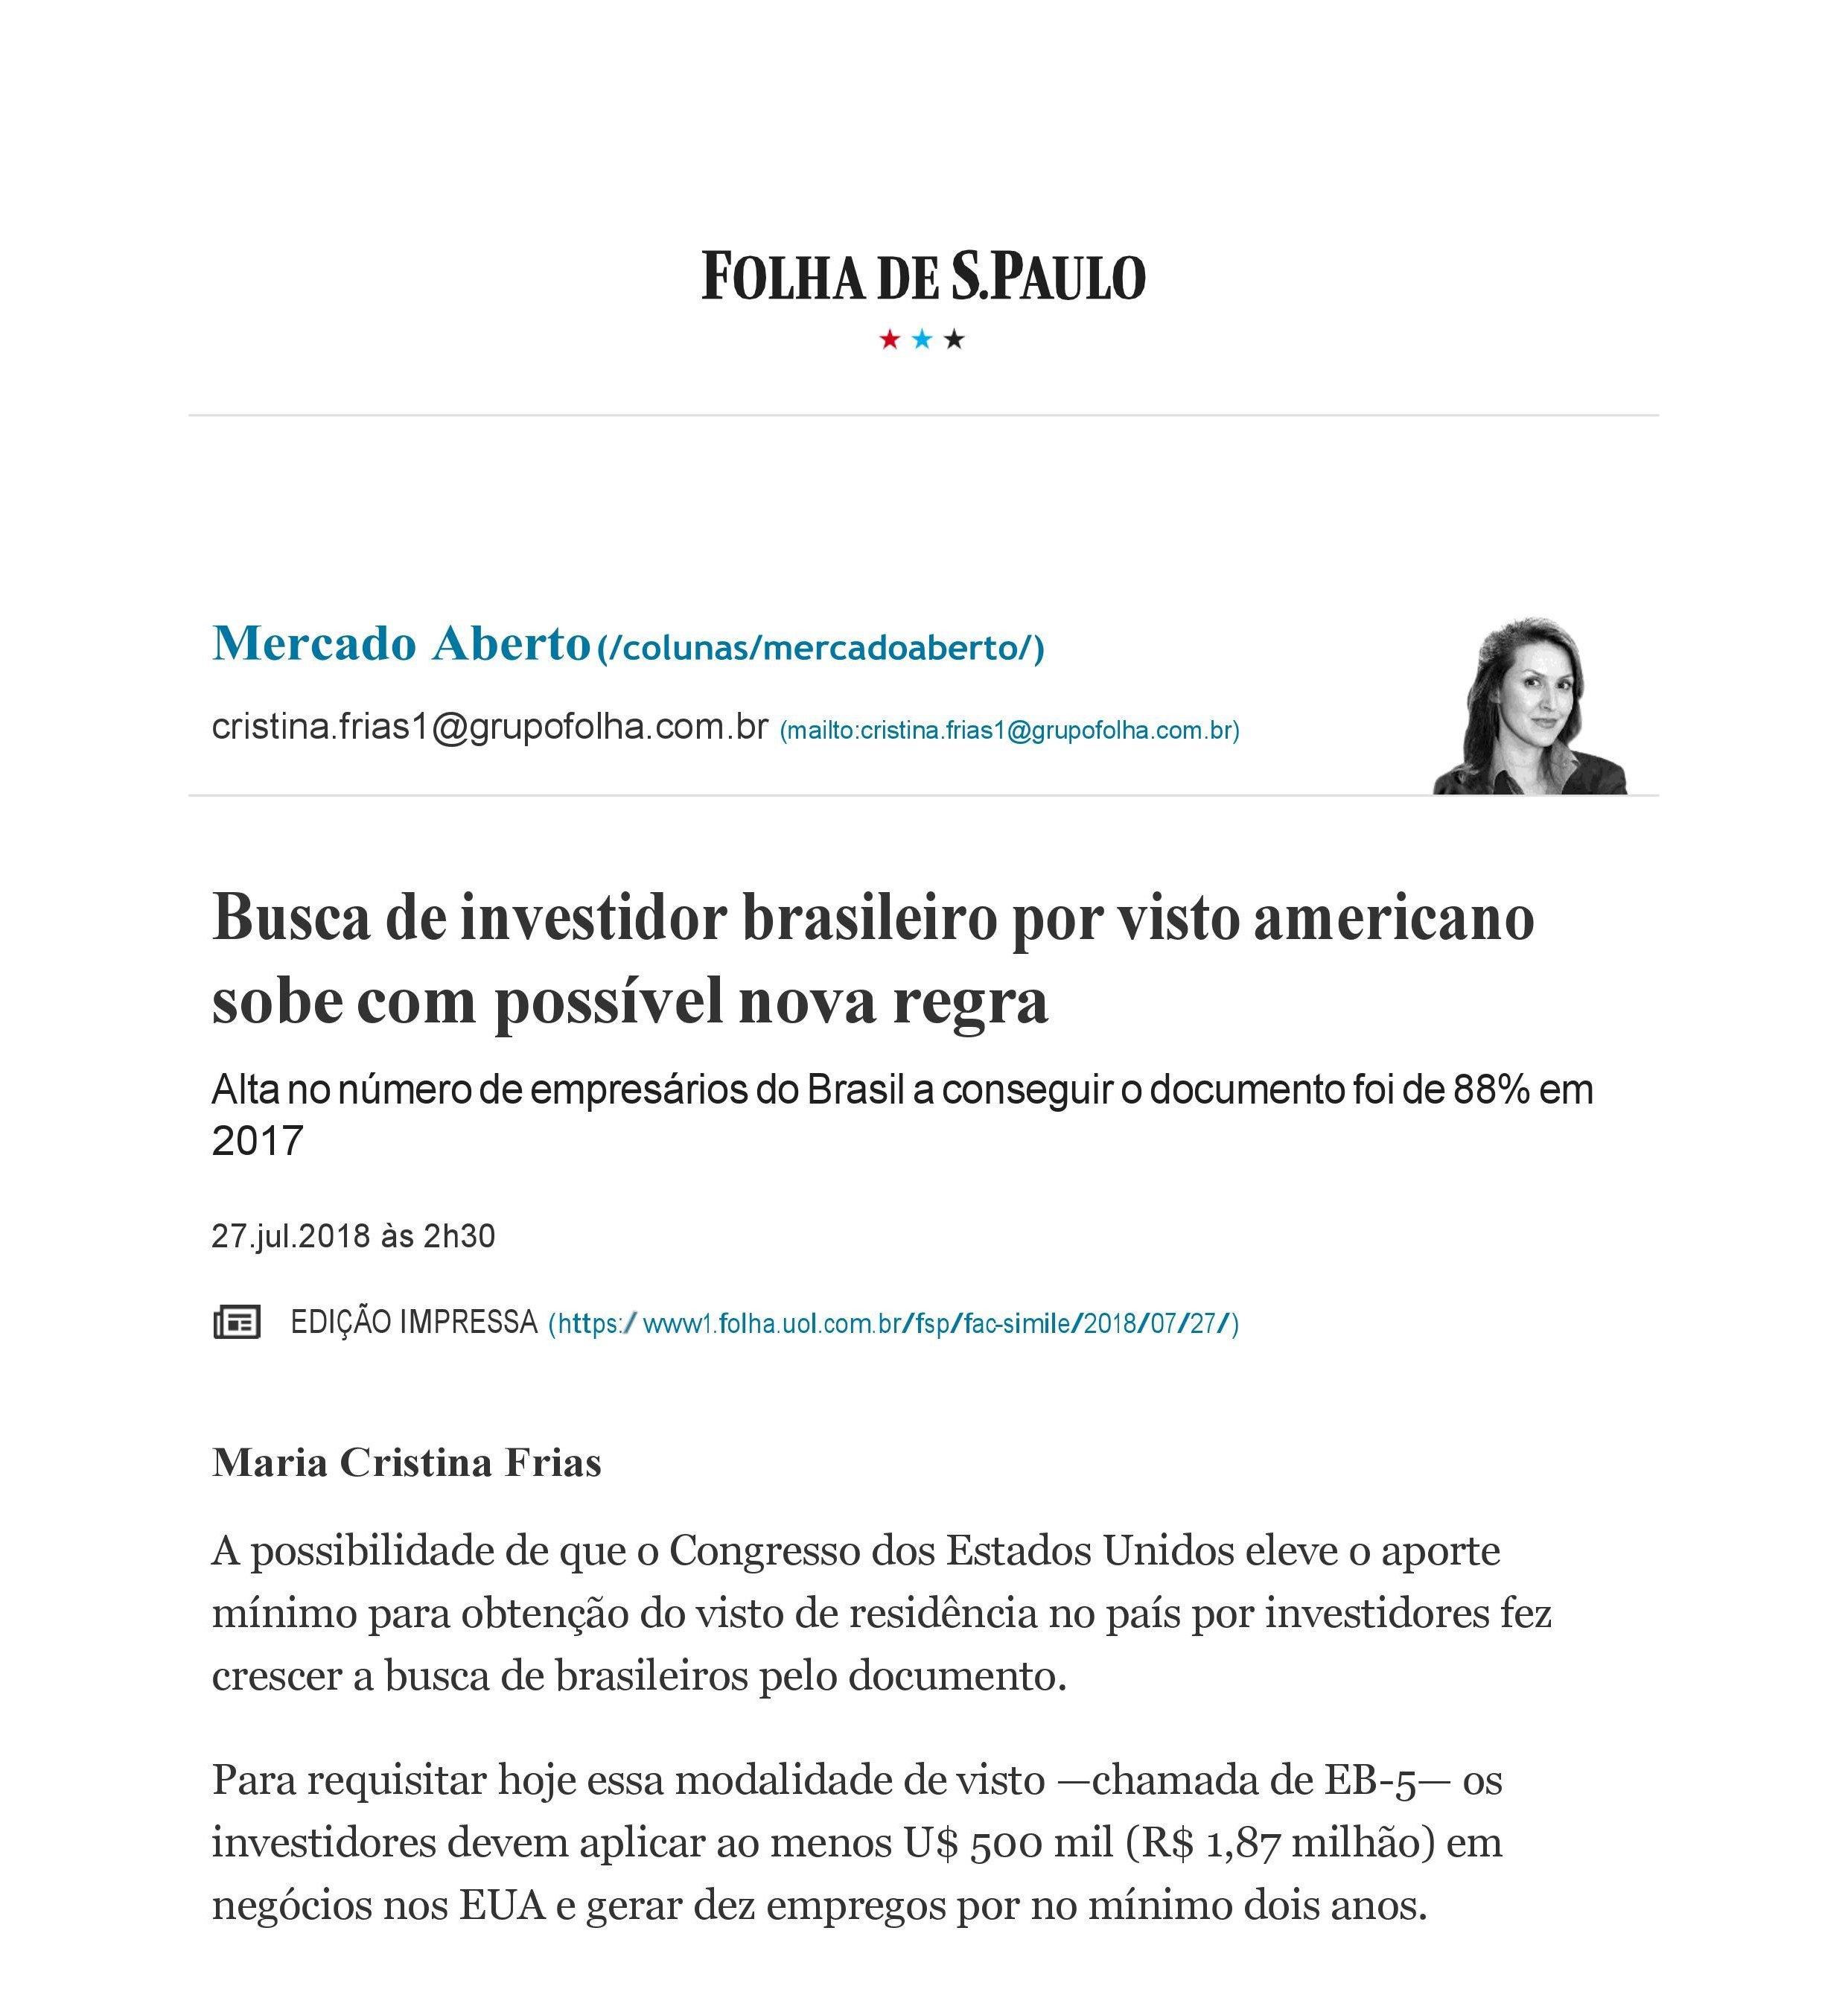 EB5 George Cunha na Folha de São Paulo